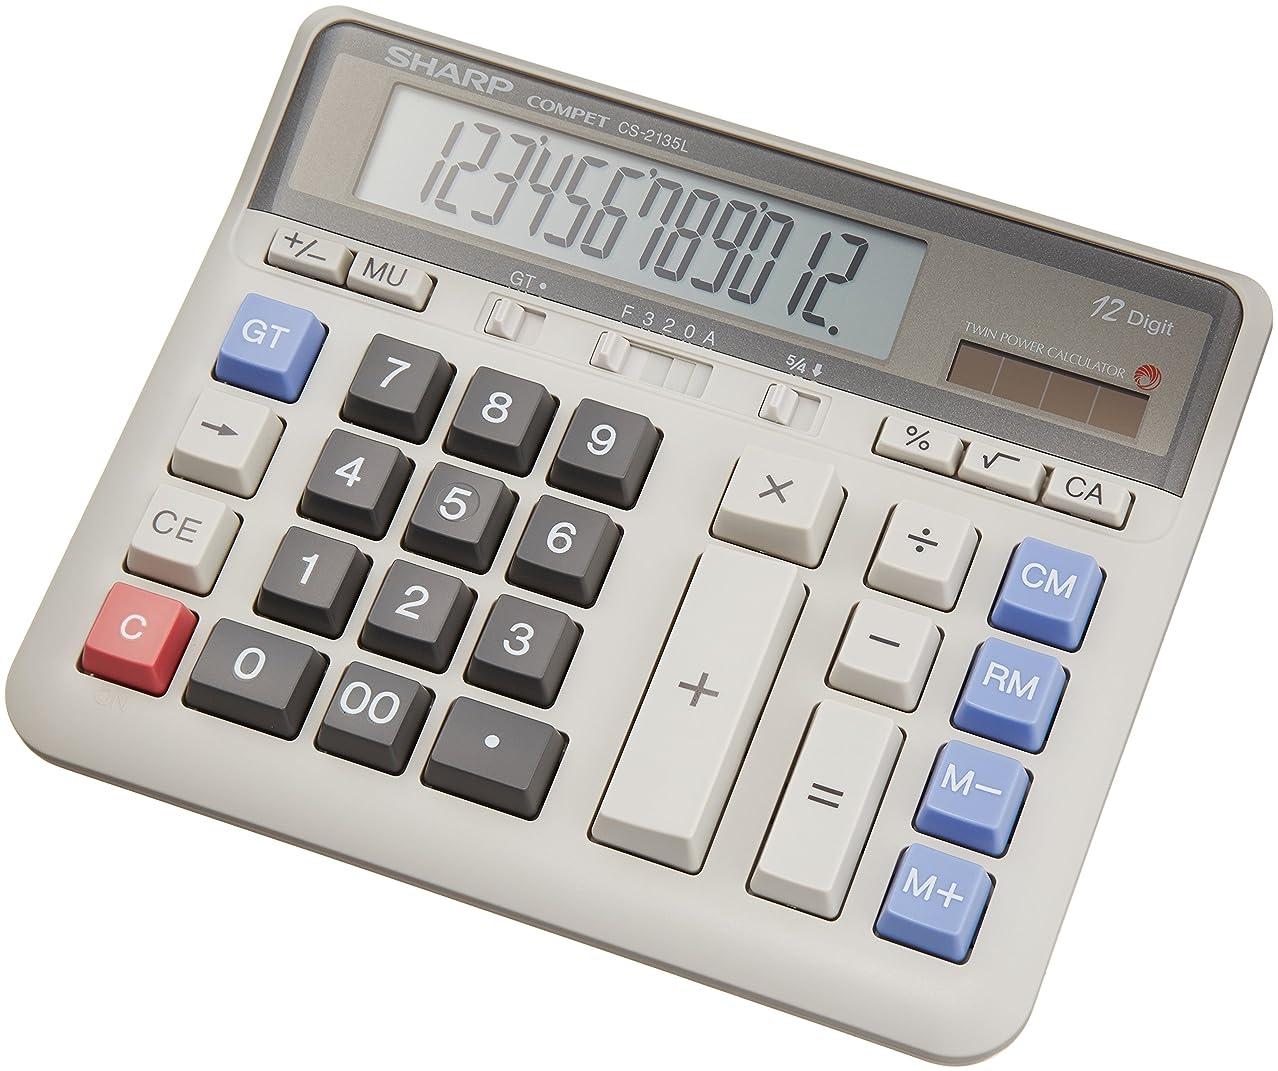 ミッション興味ラオス人シャープ 実務電卓 デスクトップタイプ 12桁 CS-2135L